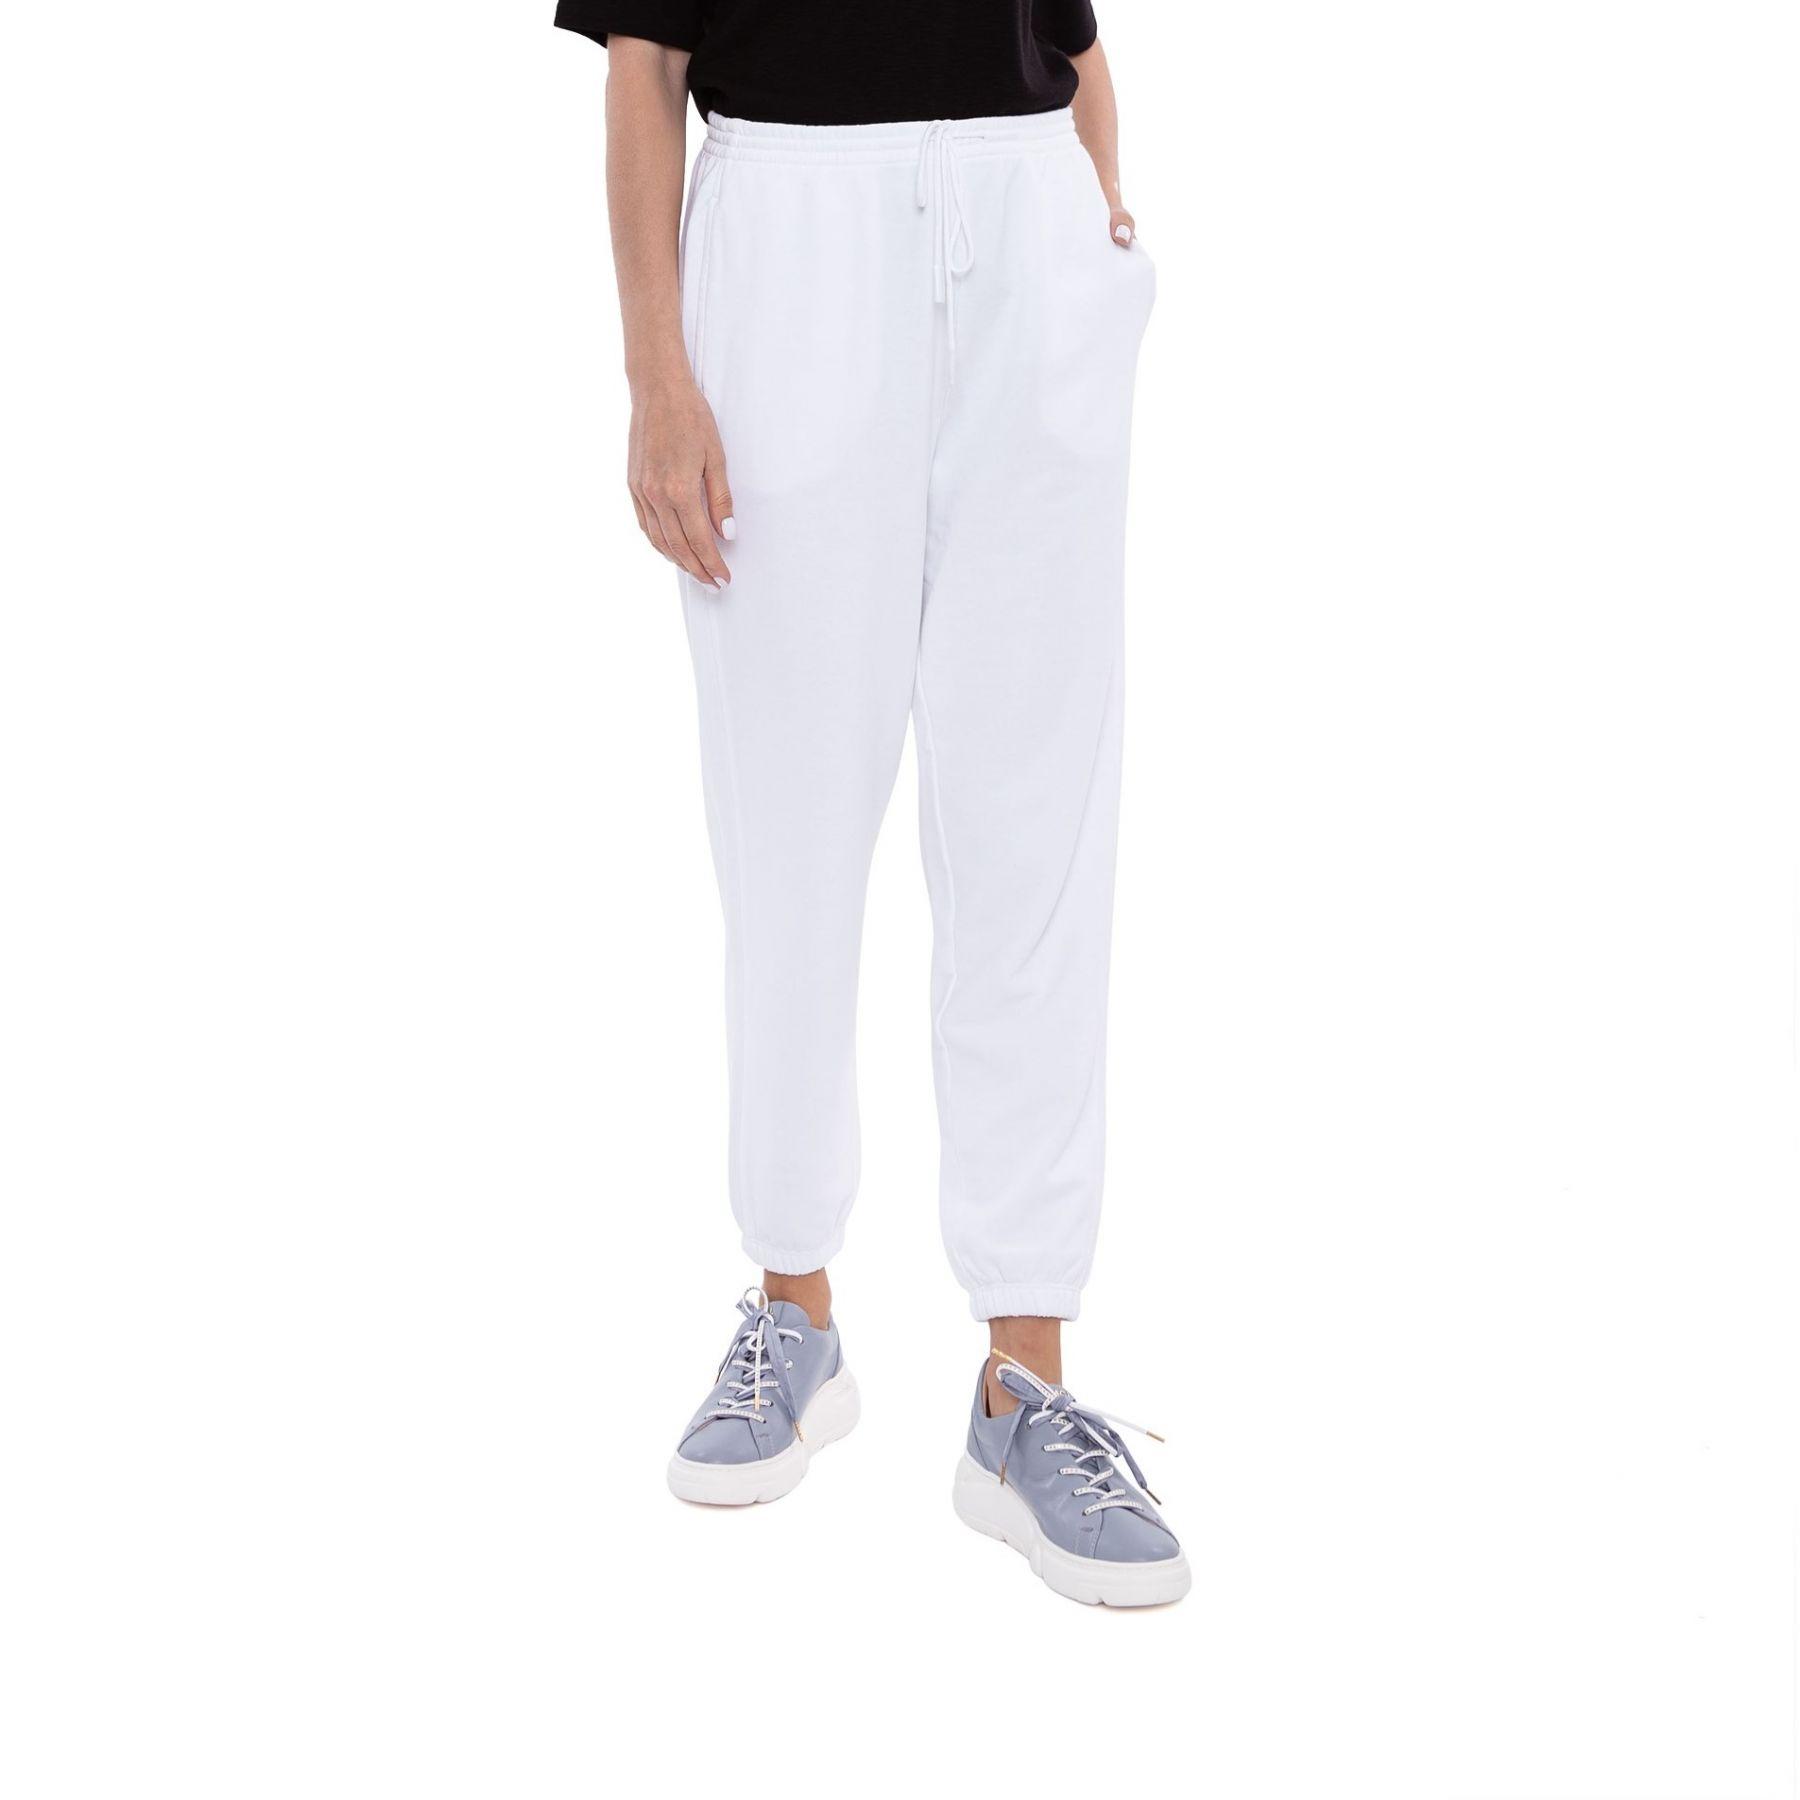 Спортивные брюки Vince белые